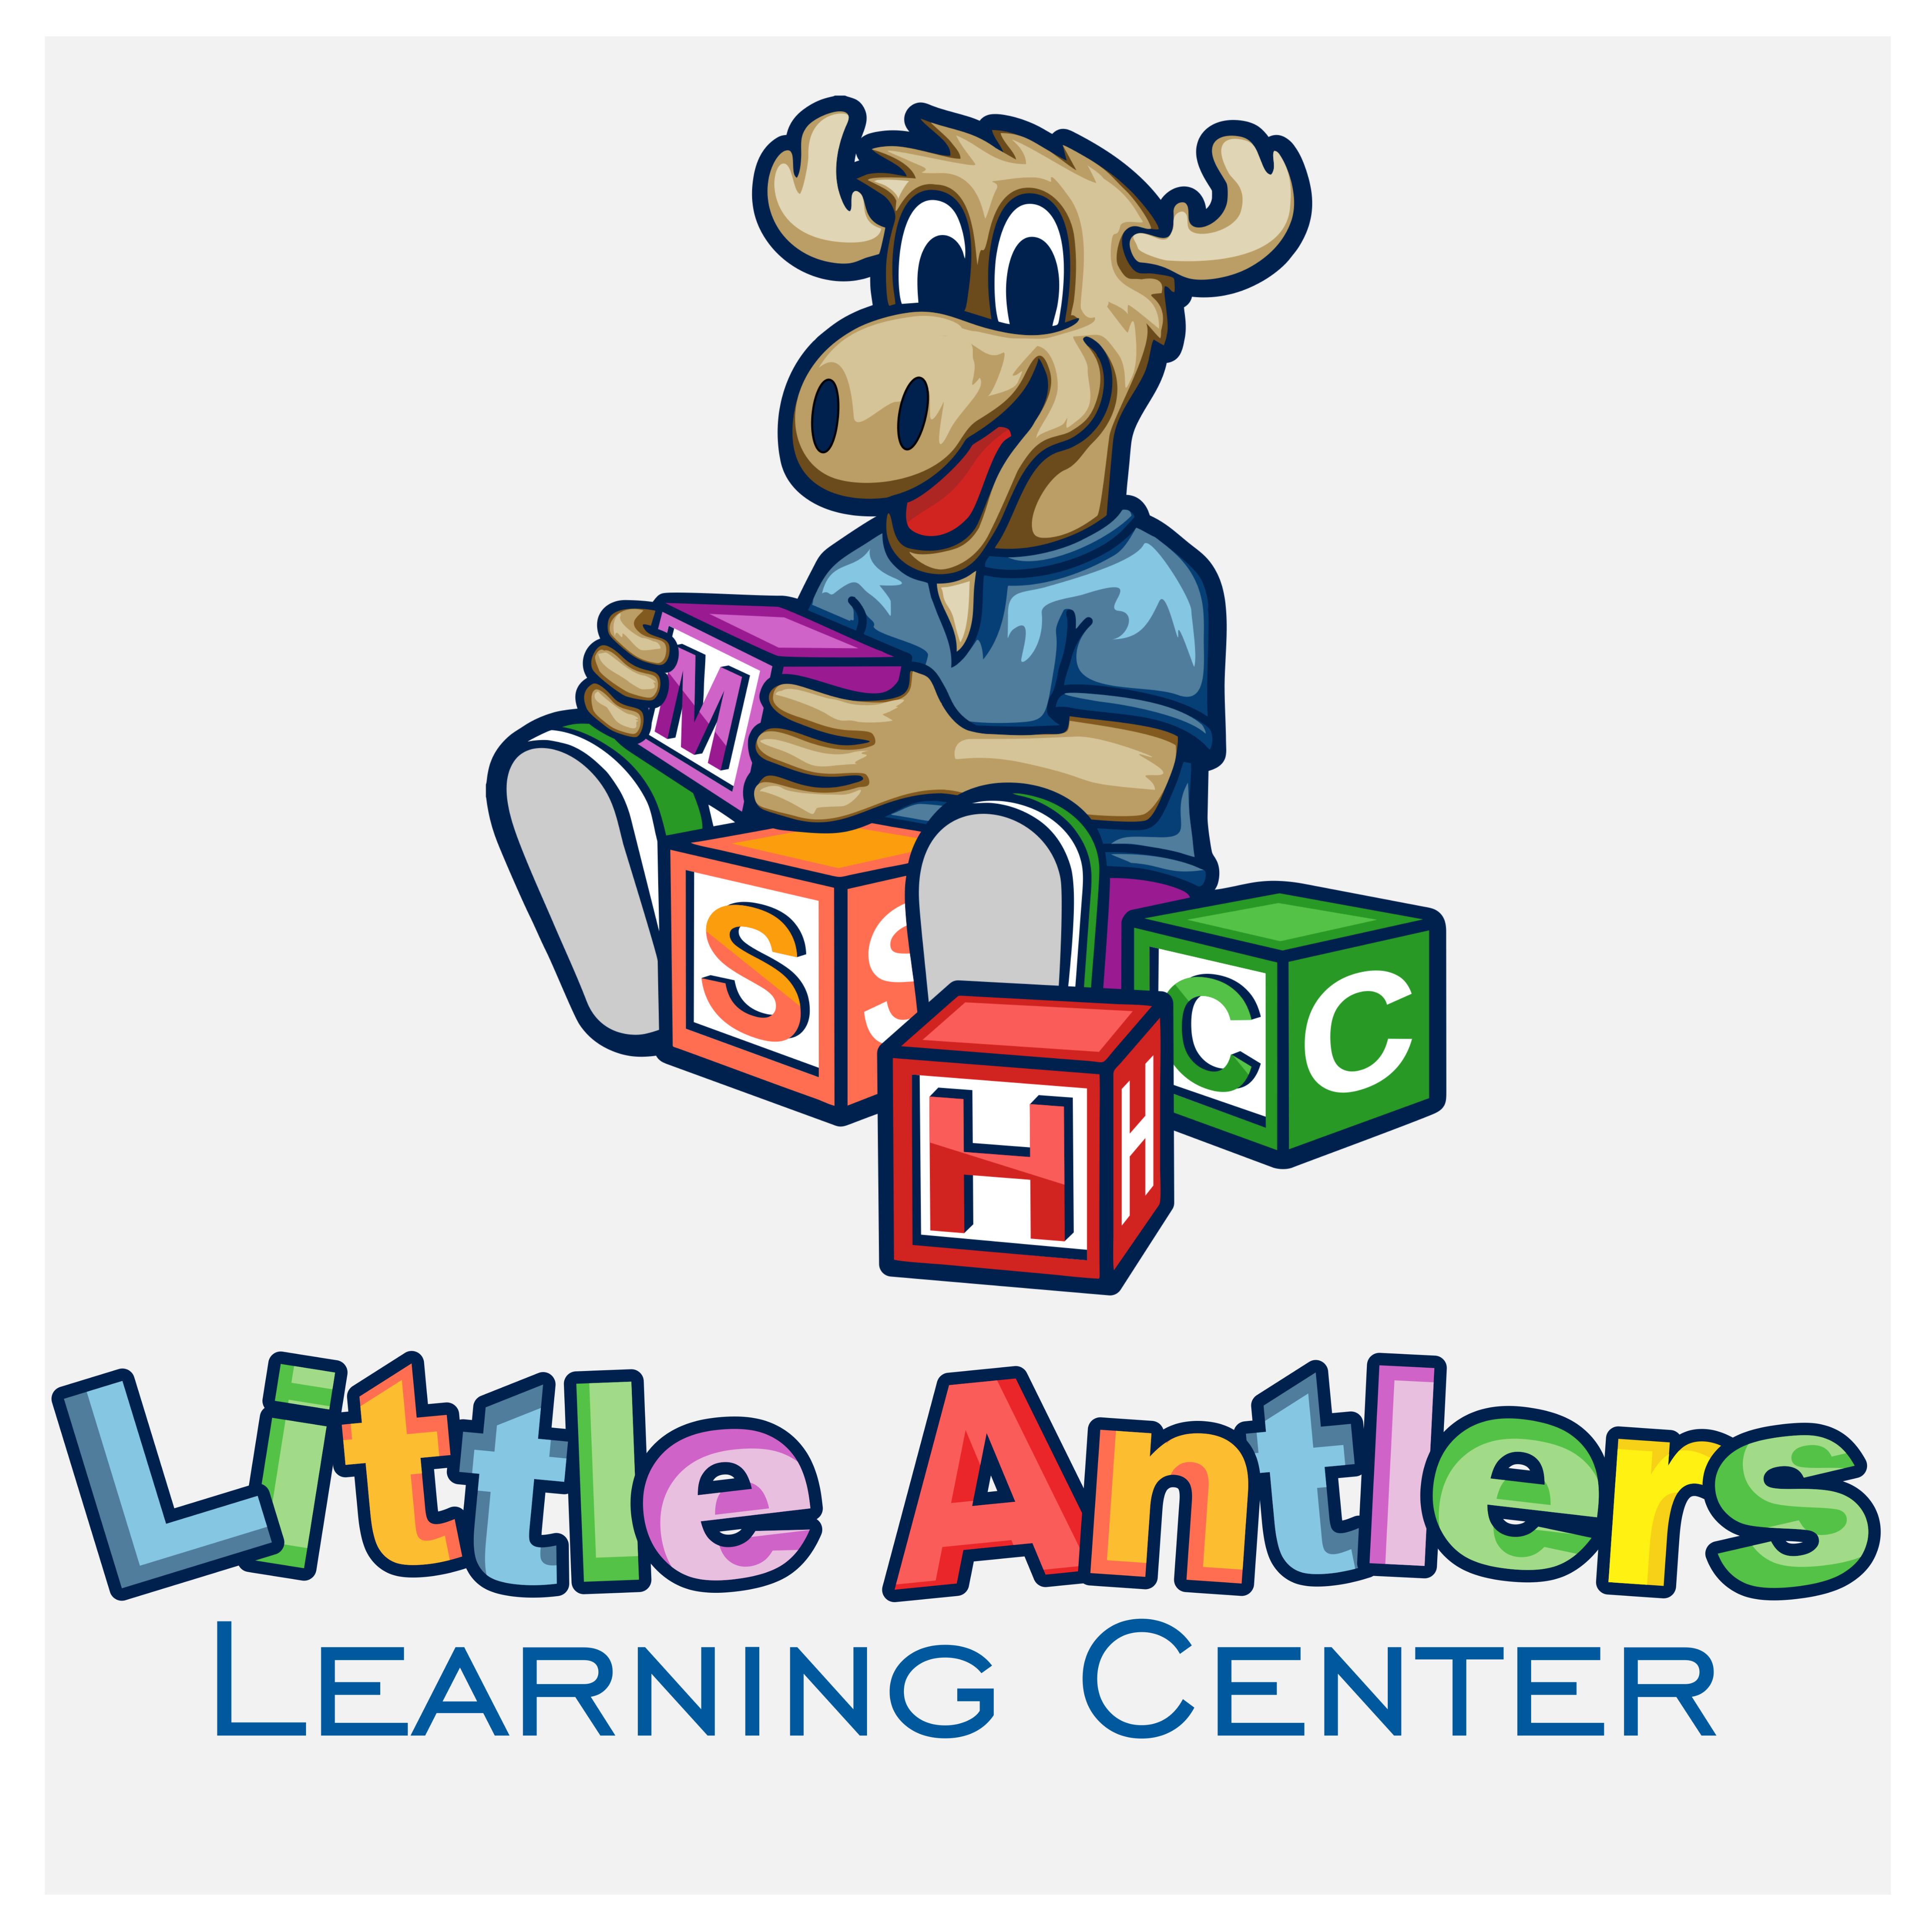 Little Antlers Learning Center Logo